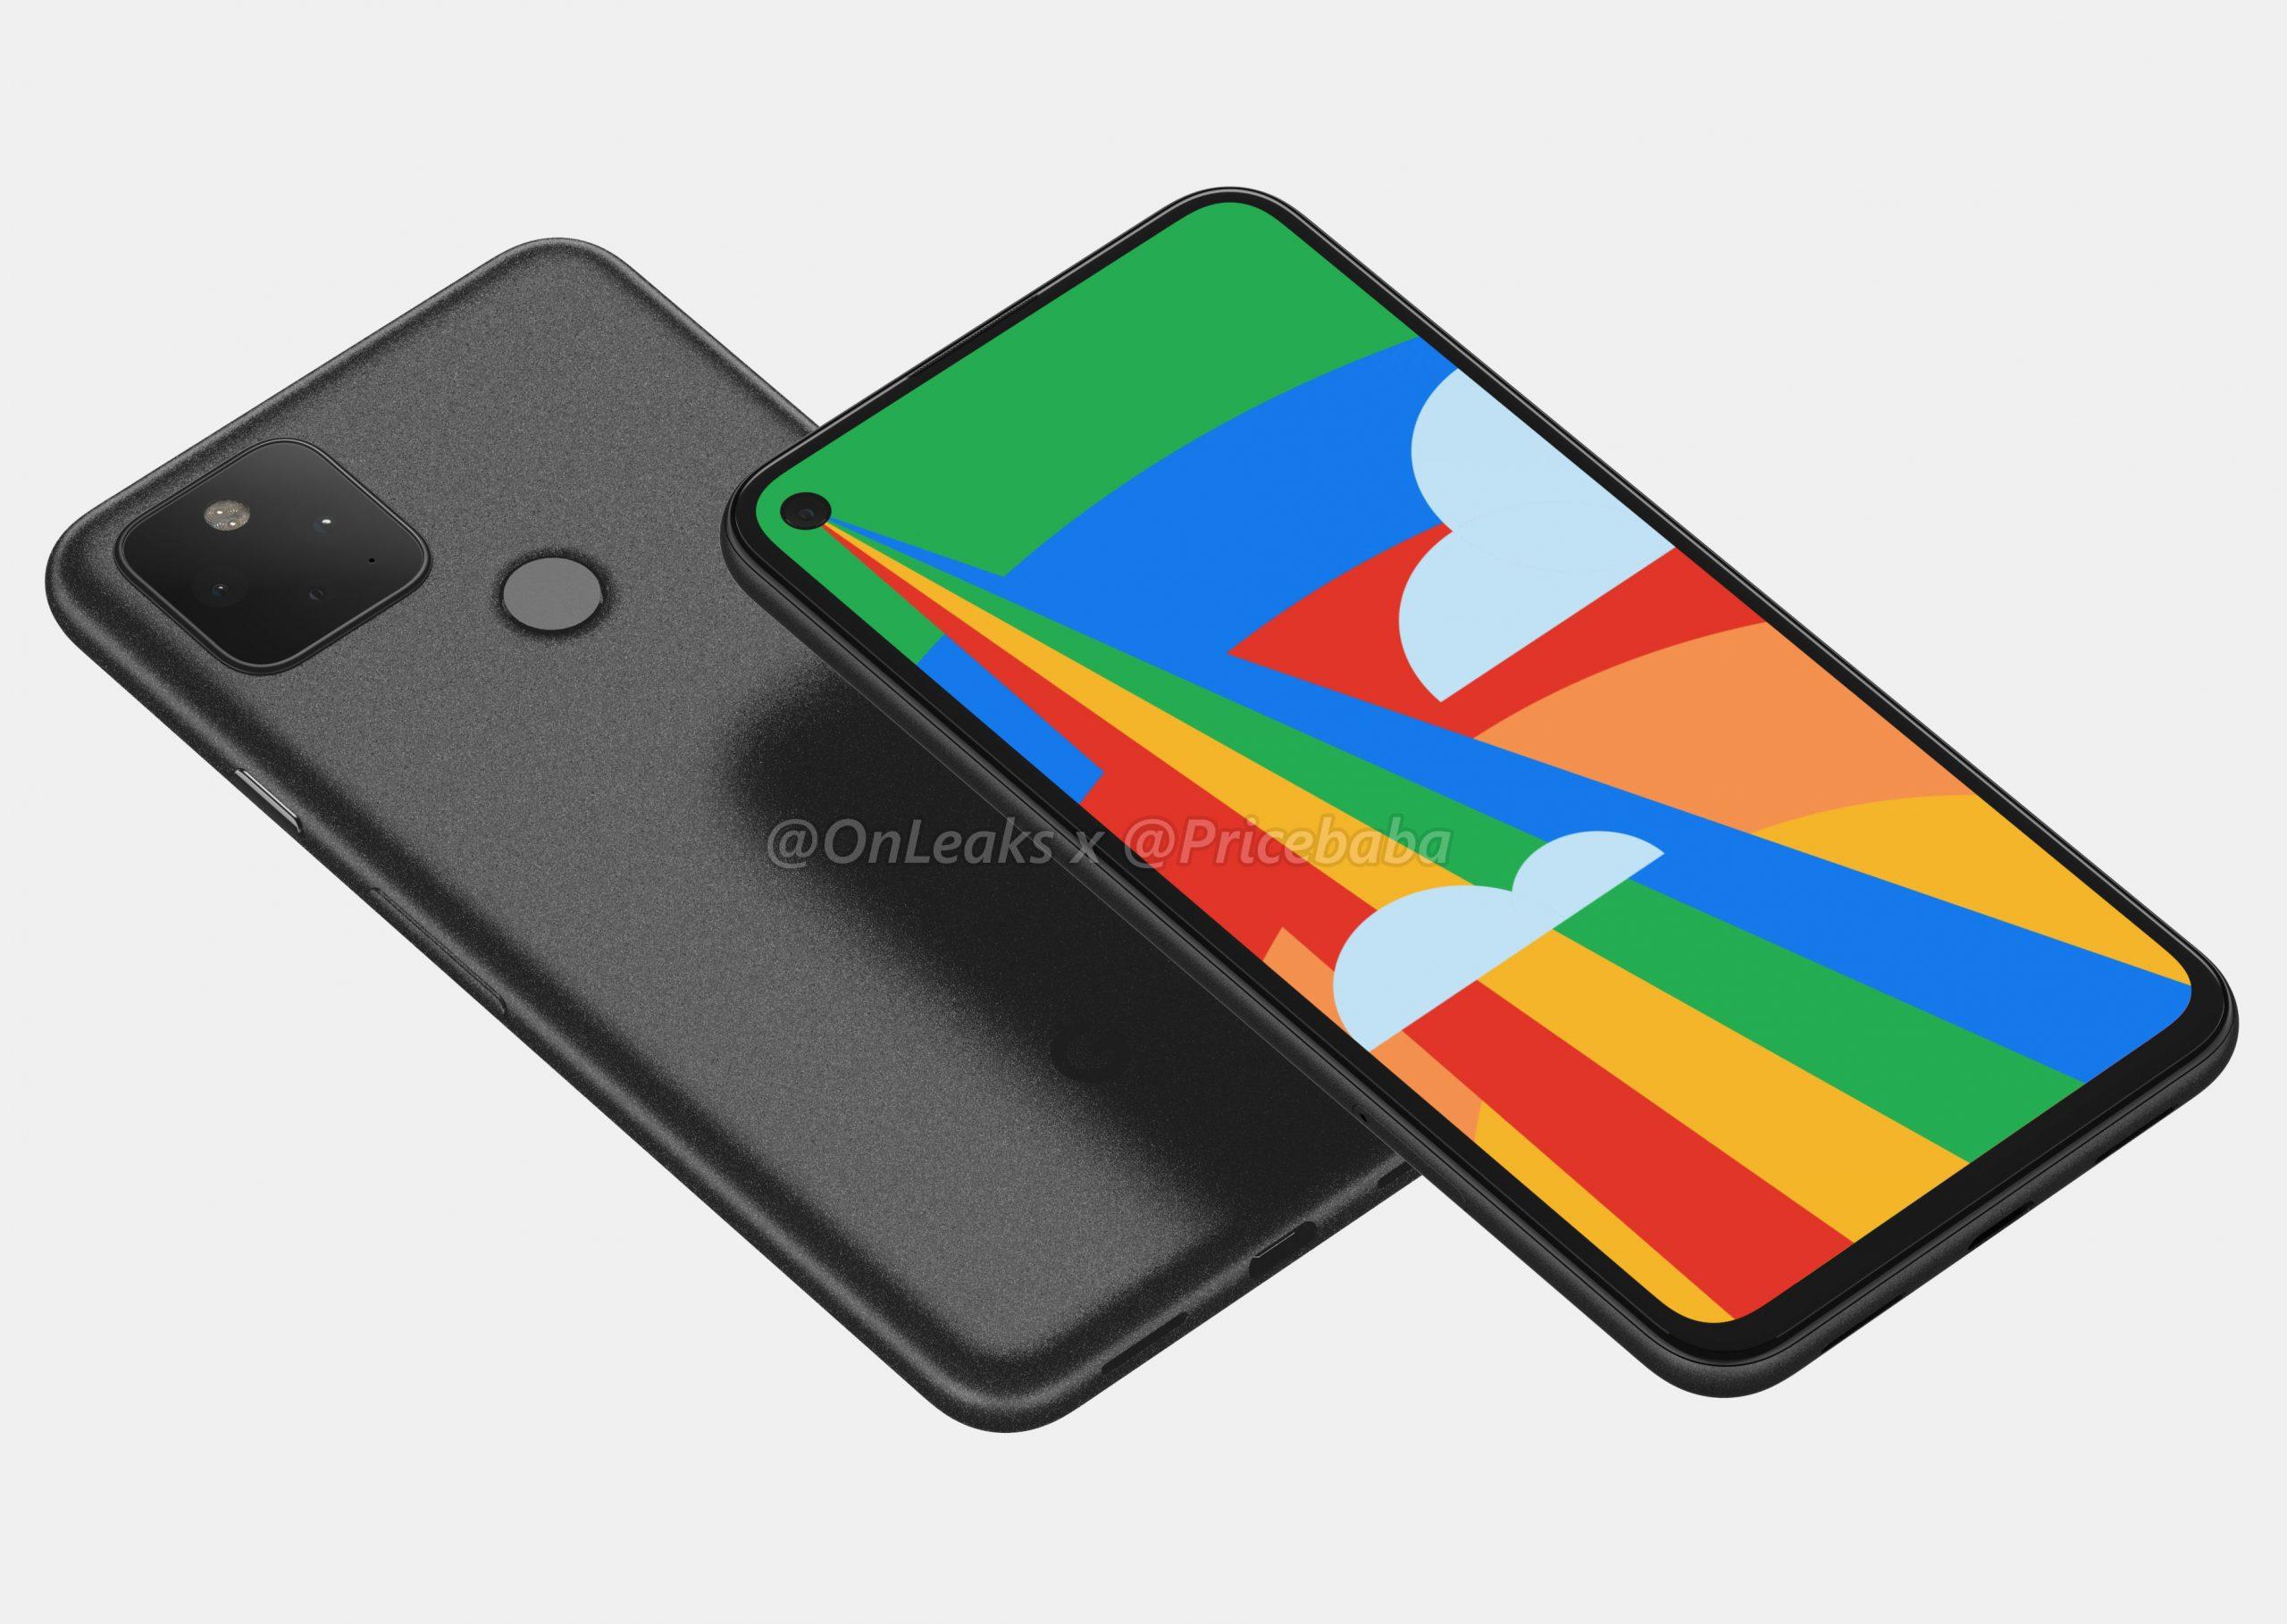 هاتف جوجل Pixel 5 يأتي بكاميرا خلفية مزدوجة (تسريبات)